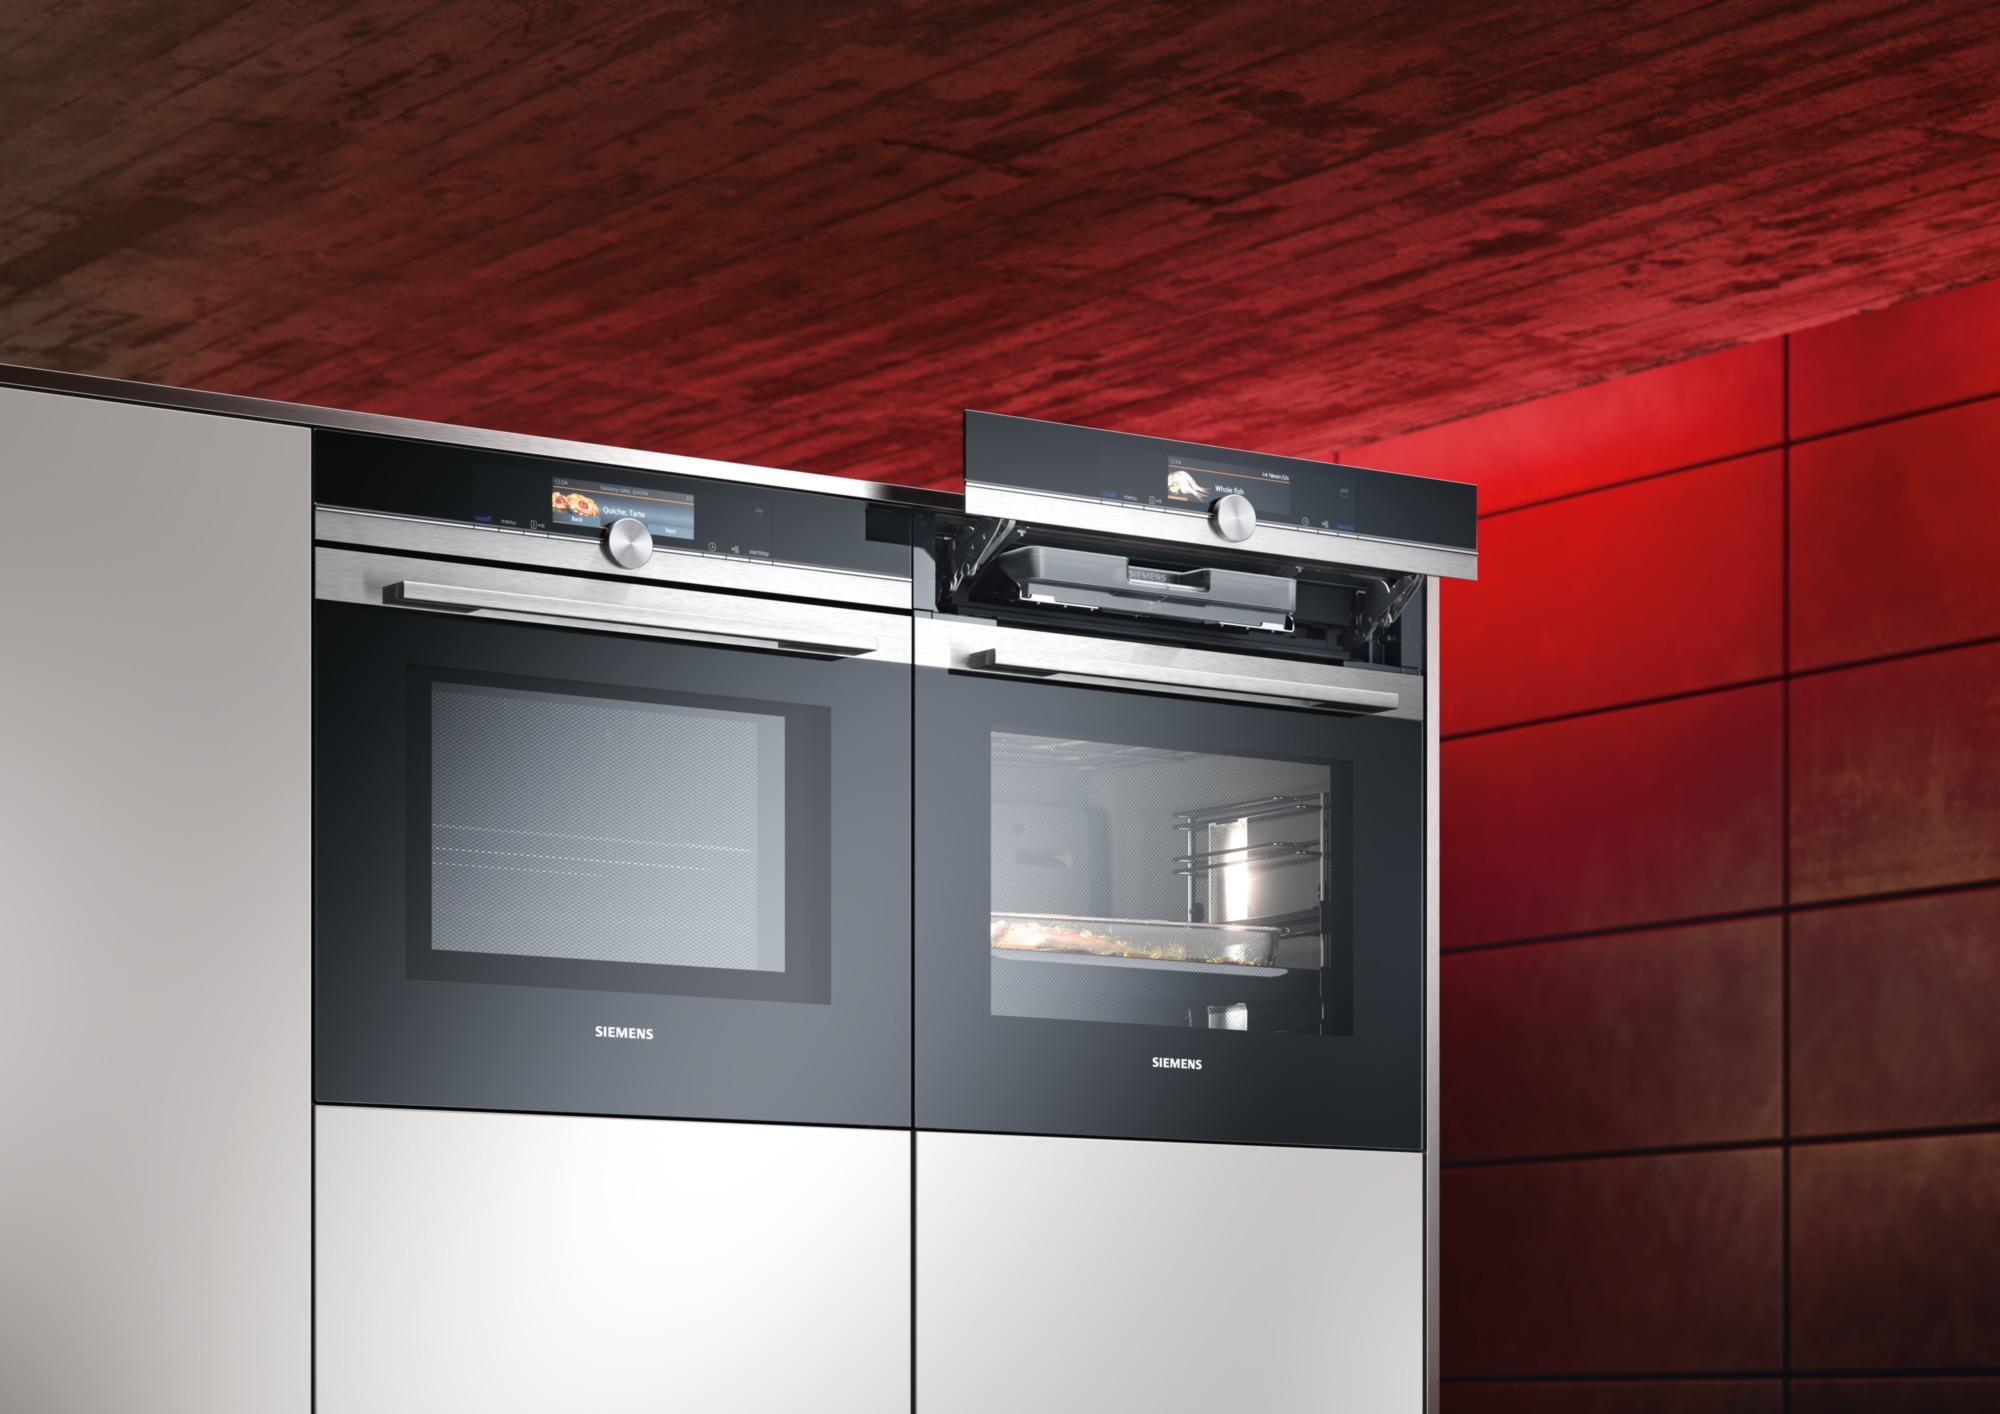 Bosch kitchen appliances bosch appliances essex chelmsford for Bosch backofen